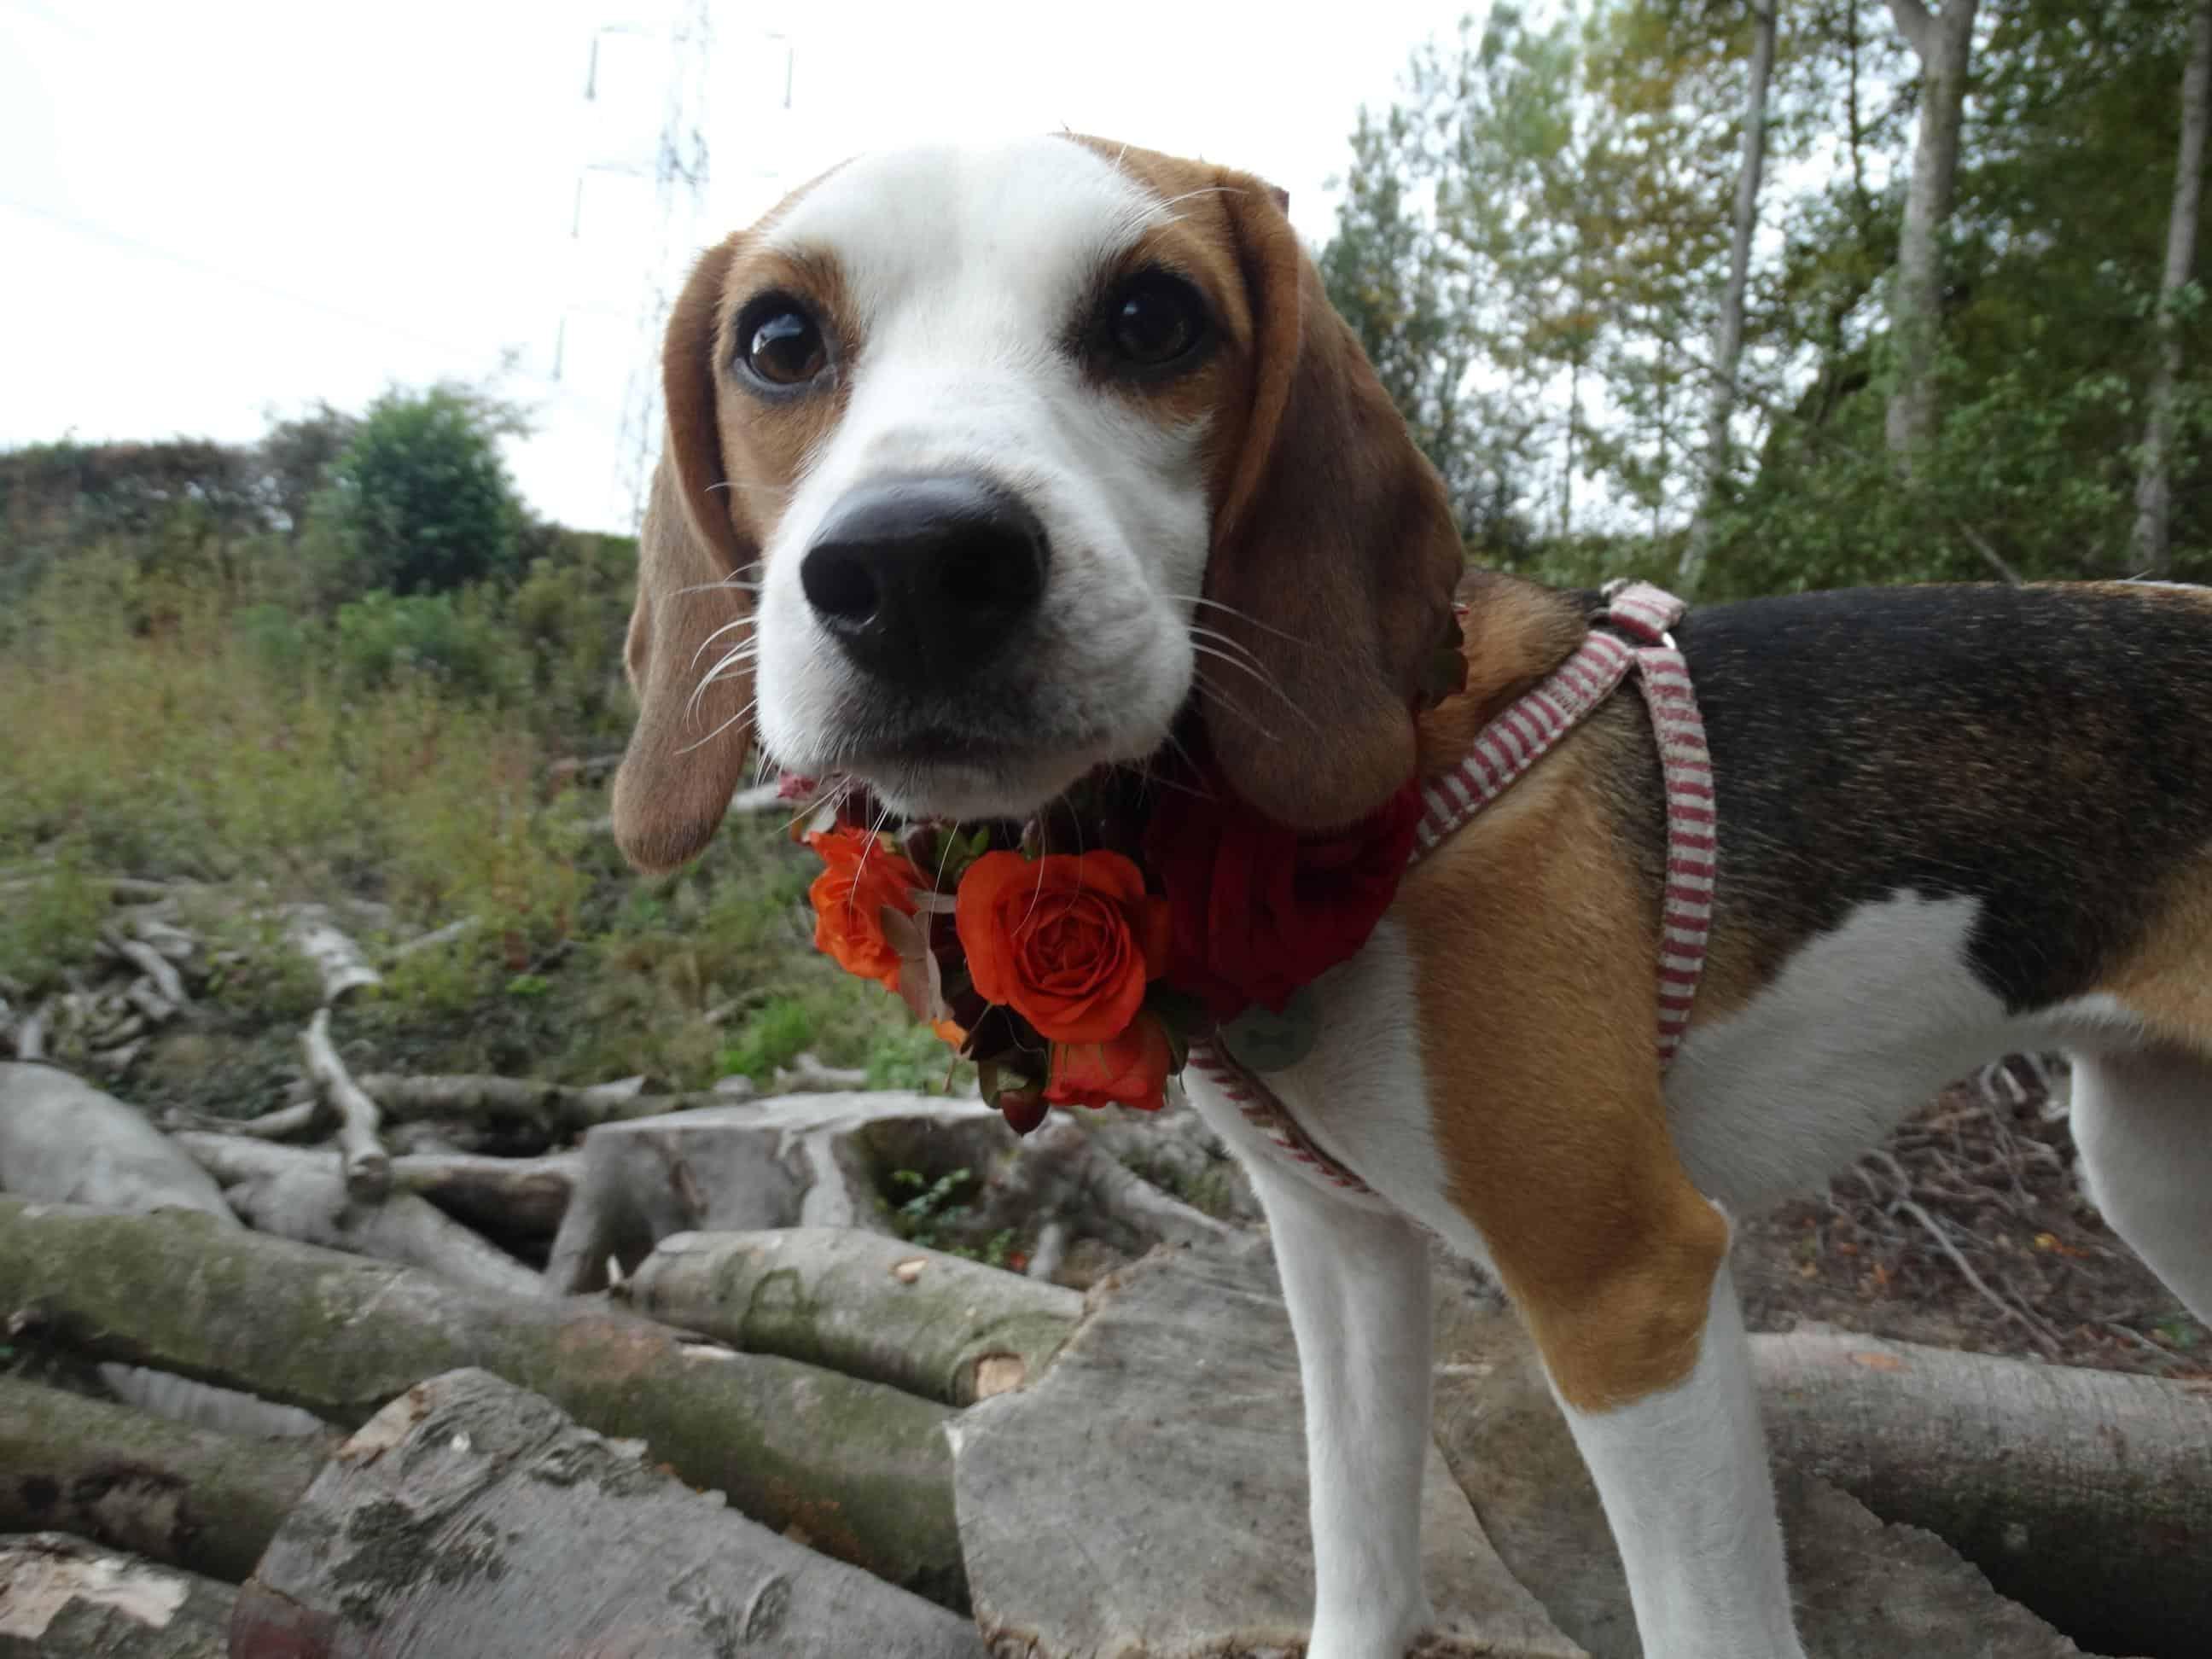 Too close? Bramble the Beagle